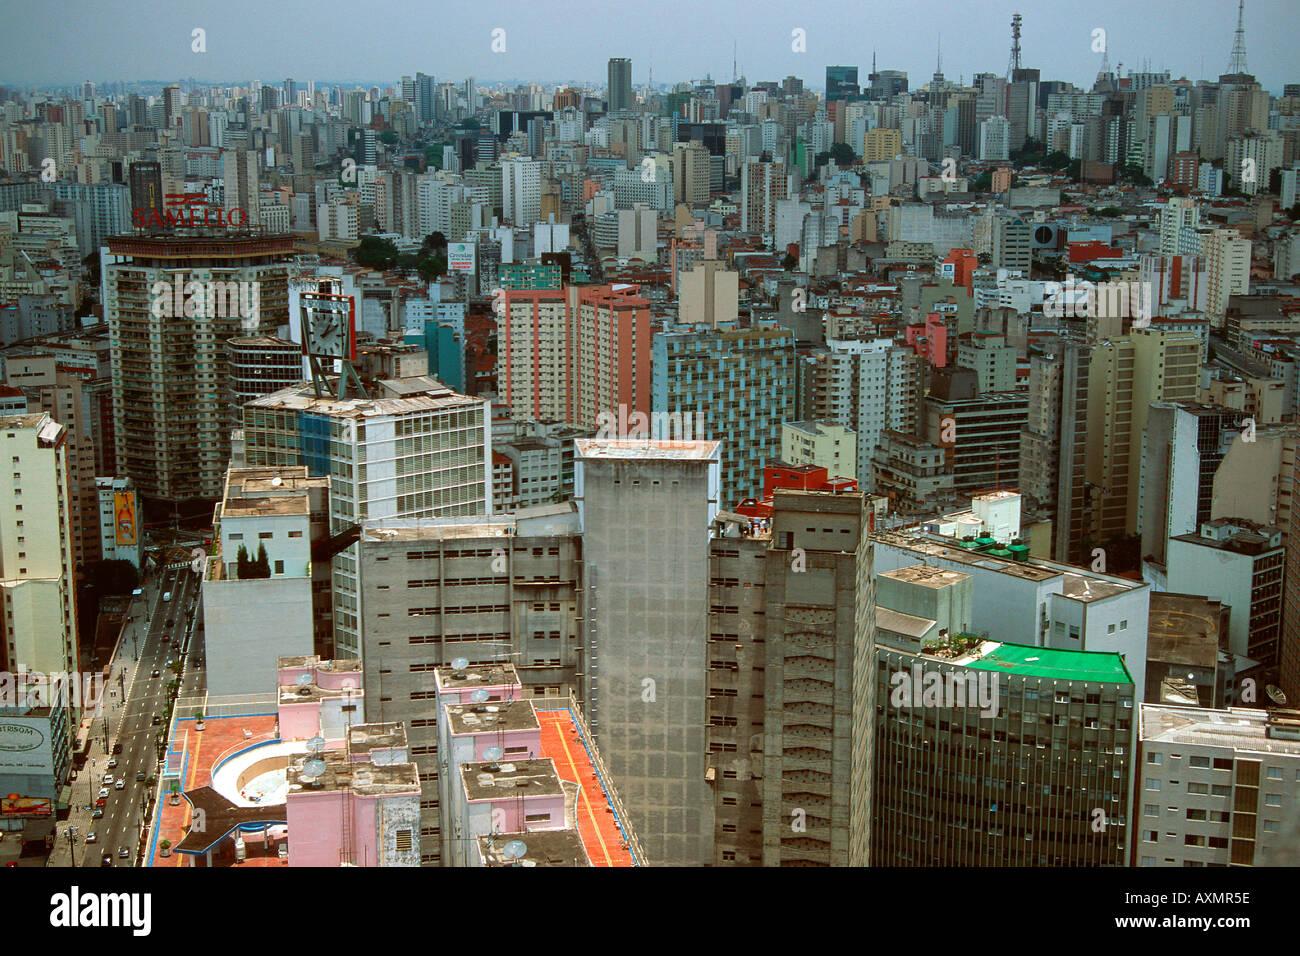 Vista aérea de los edificios en el centro de São Paulo, Brasil Imagen De Stock